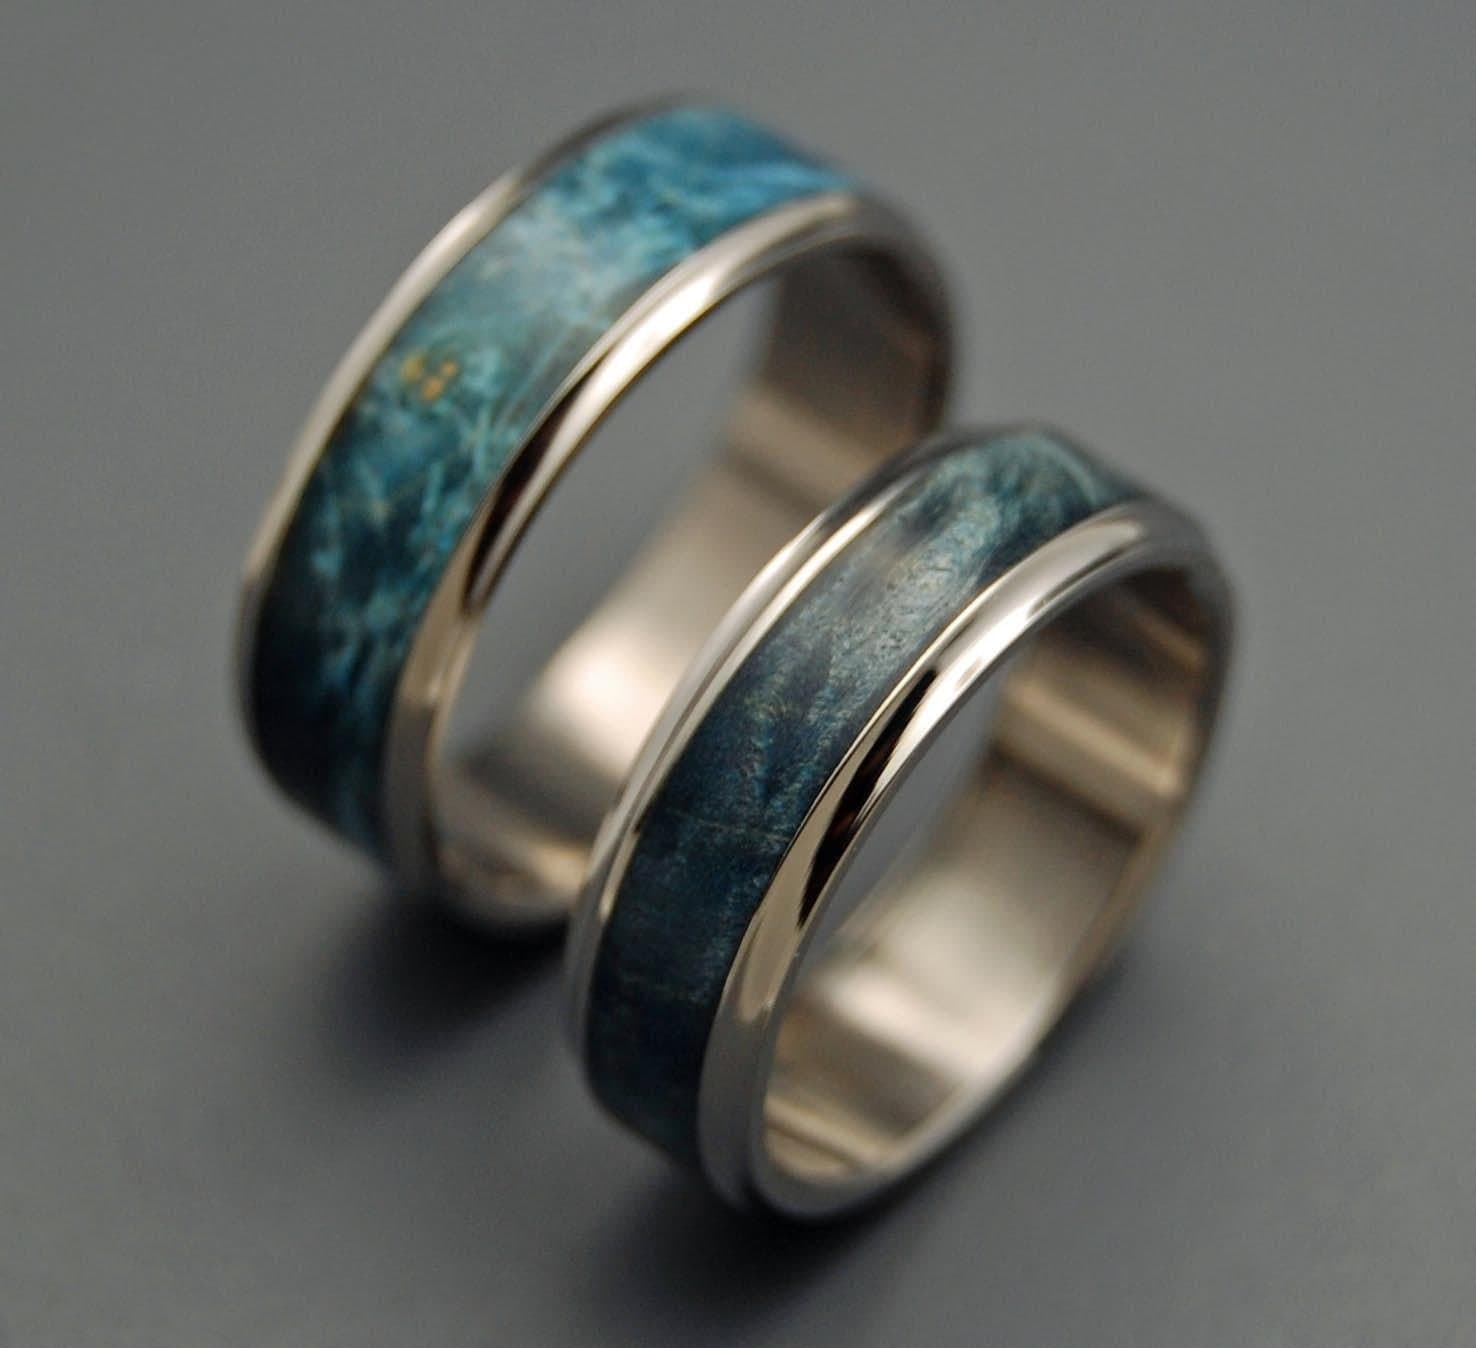 caspian wooden wedding rings by minterandrichterdes on etsy